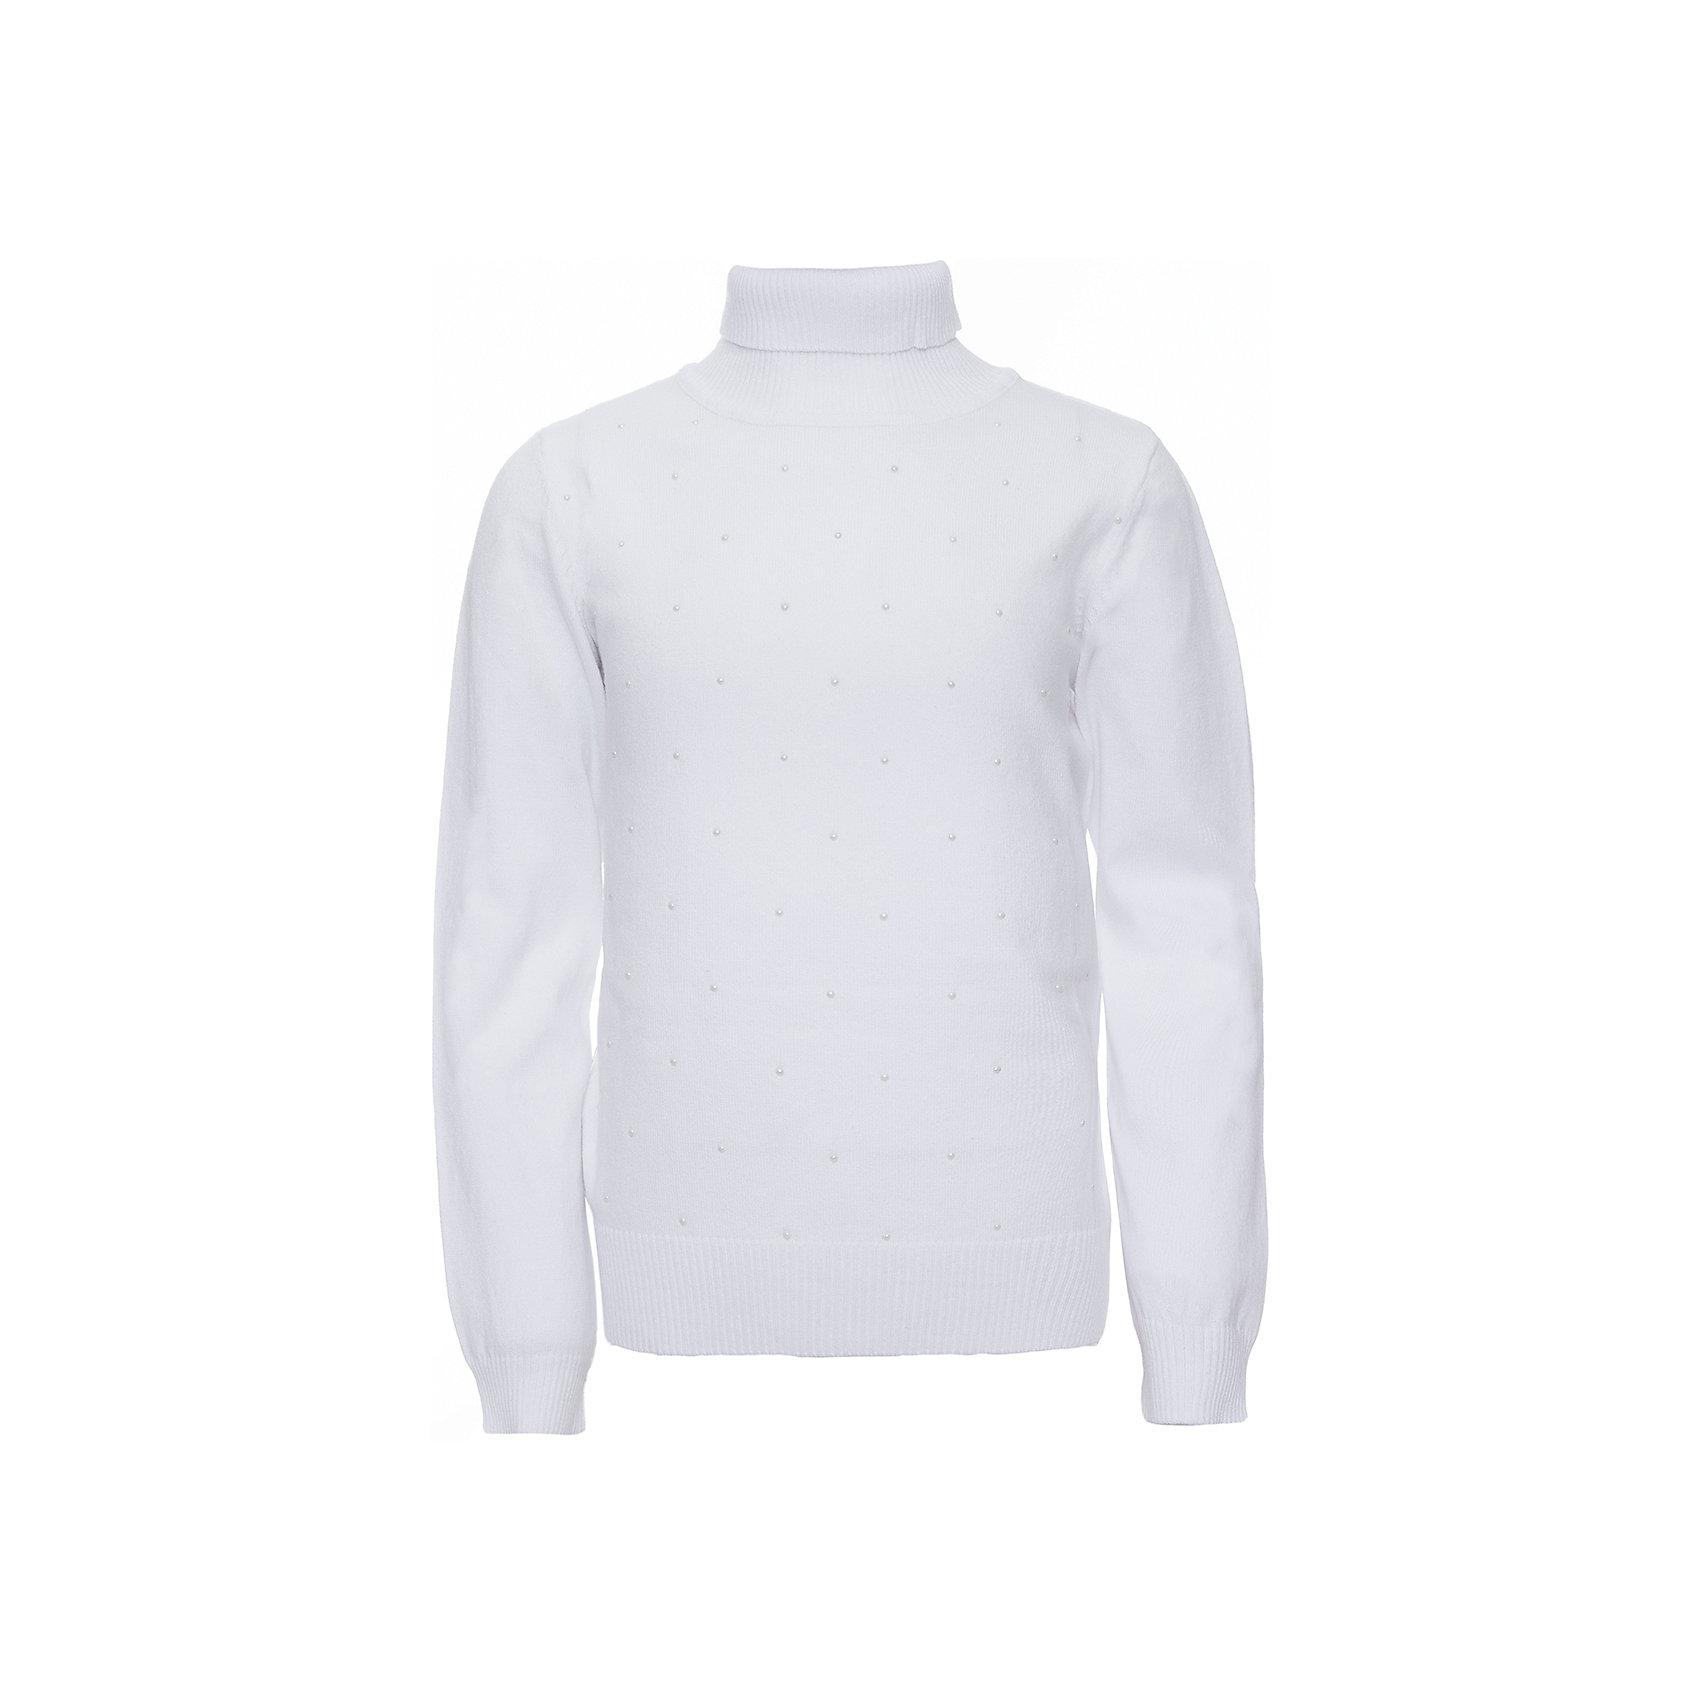 Свитер для девочки ScoolСвитер для девочки Scool<br><br><br>Характеристики:<br><br>• Цвет: белый<br>• Материал: 80% хлопок, 18% нейлон, 2% эластан<br><br>Теплый свитер с высоким воротником незаменимая вещь в гардеробе каждой модницы. Нежный розовый цвет и мягкий материал подарят ребенку уют в холодную зиму. Рукава, воротник и низ свитера на мягкой широкой резинке. Материал не вызывает аллергии и легко стирается и сушится. <br><br>Свитер для девочки Scool можно купить в нашем интернет-магазине.<br><br>Ширина мм: 190<br>Глубина мм: 74<br>Высота мм: 229<br>Вес г: 236<br>Цвет: белый<br>Возраст от месяцев: 144<br>Возраст до месяцев: 156<br>Пол: Женский<br>Возраст: Детский<br>Размер: 158,152,146,140,122,128,134,164<br>SKU: 5227628